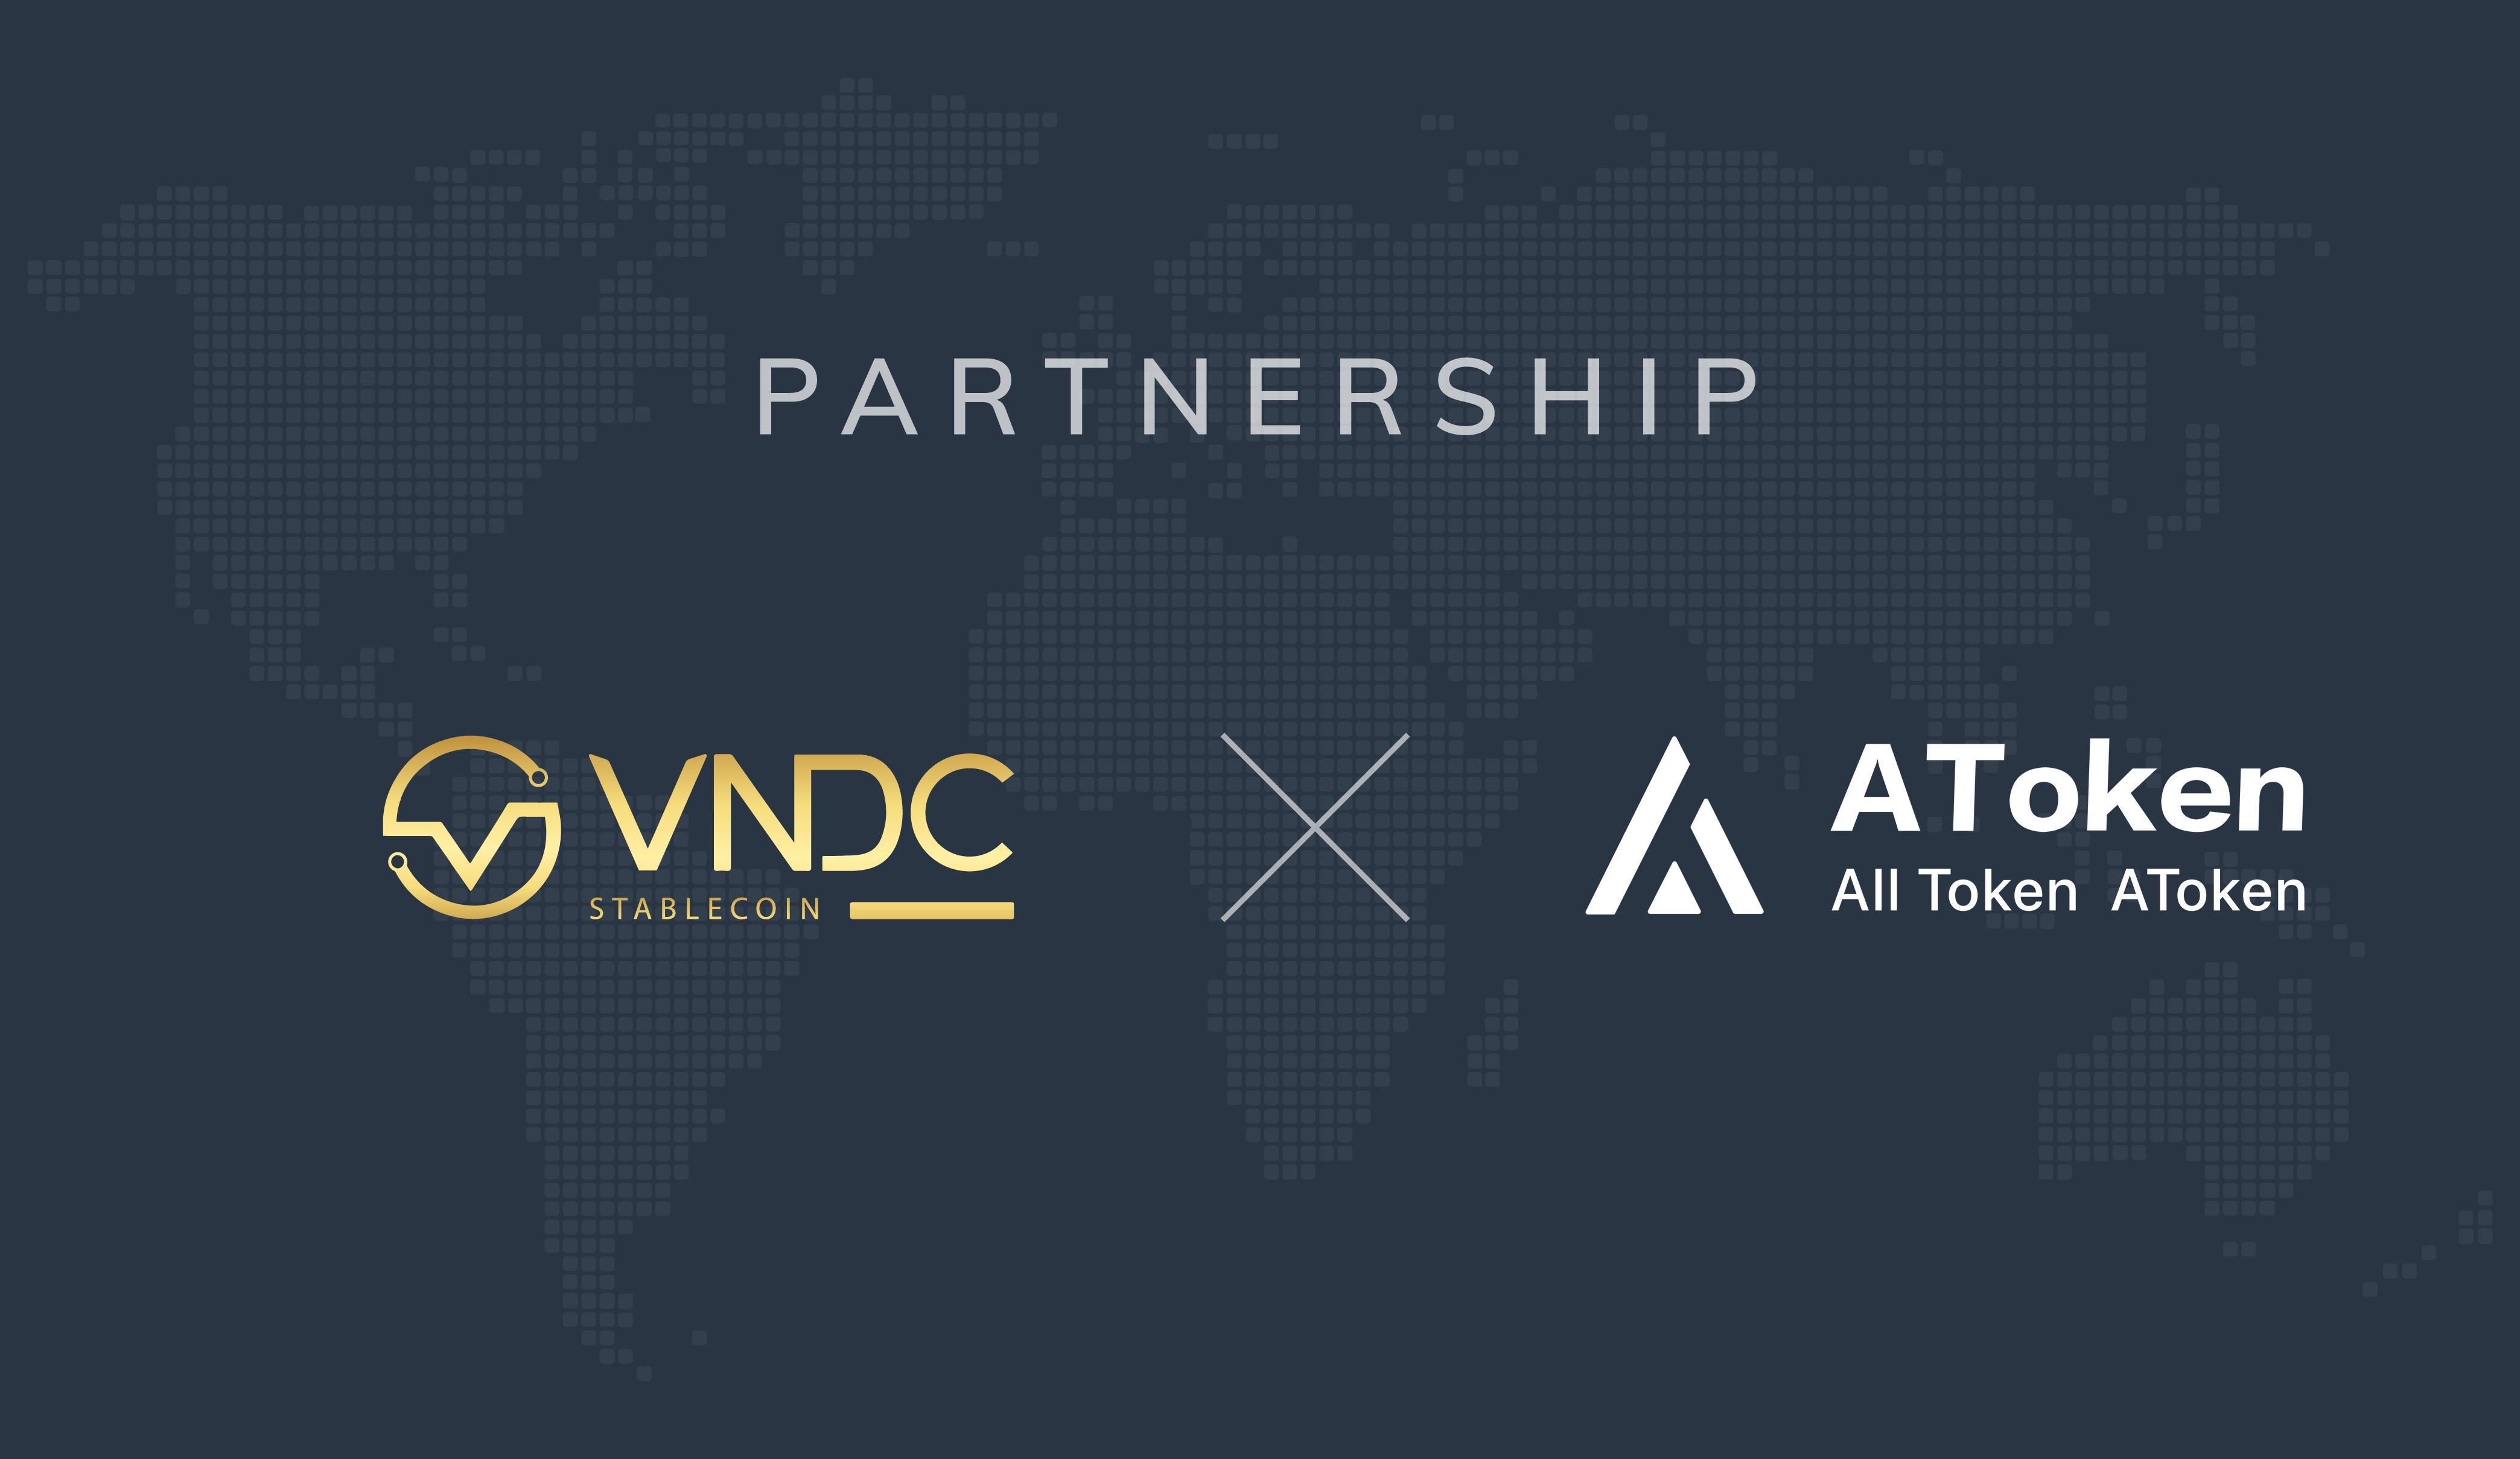 VNDC đã sẵn sàng sử dụng trên AToken Wallet